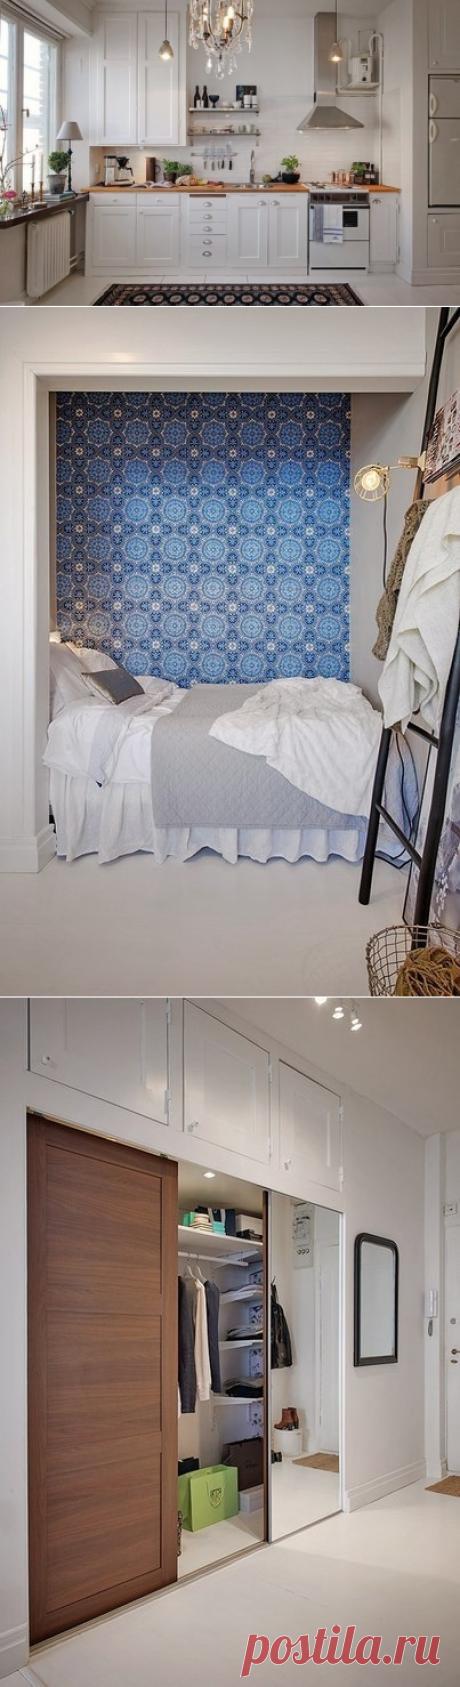 Дизайн квартиры-студии 36 кв.м. - Дизайн интерьеров   Идеи вашего дома   Lodgers